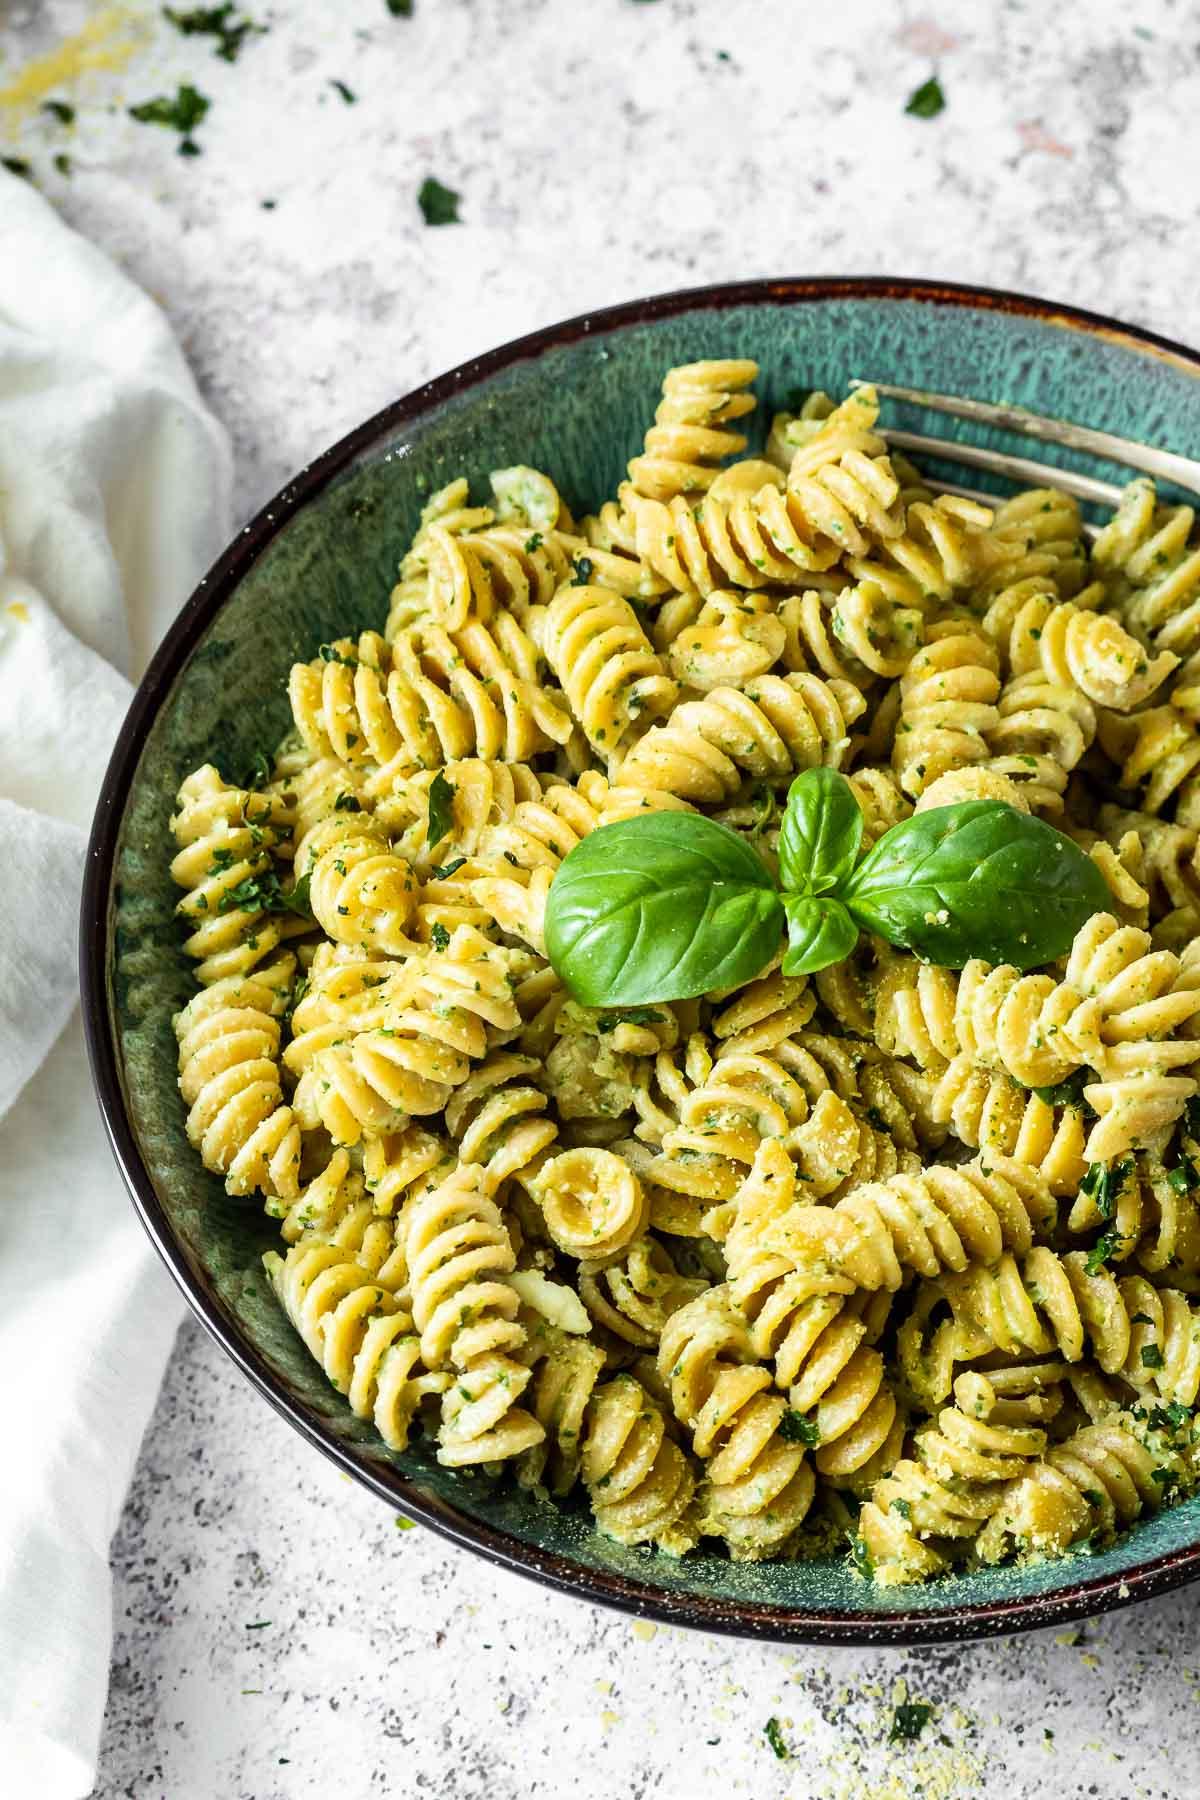 Pesto-Sahne-Sauce mit Nudeln in einer Schüssel serviert.